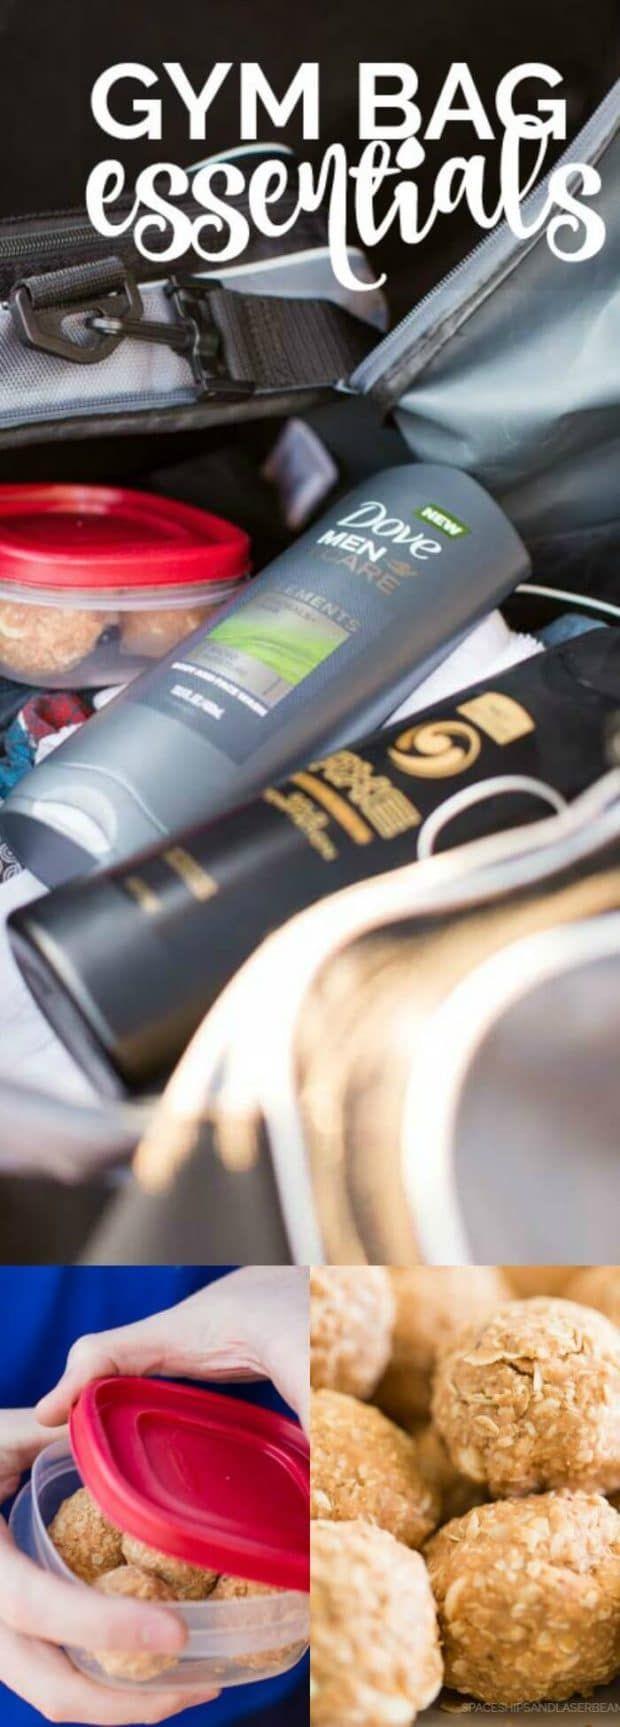 Gym Bag Essentials via @spaceshipslb #SlamDunkStyling #Publix #ad